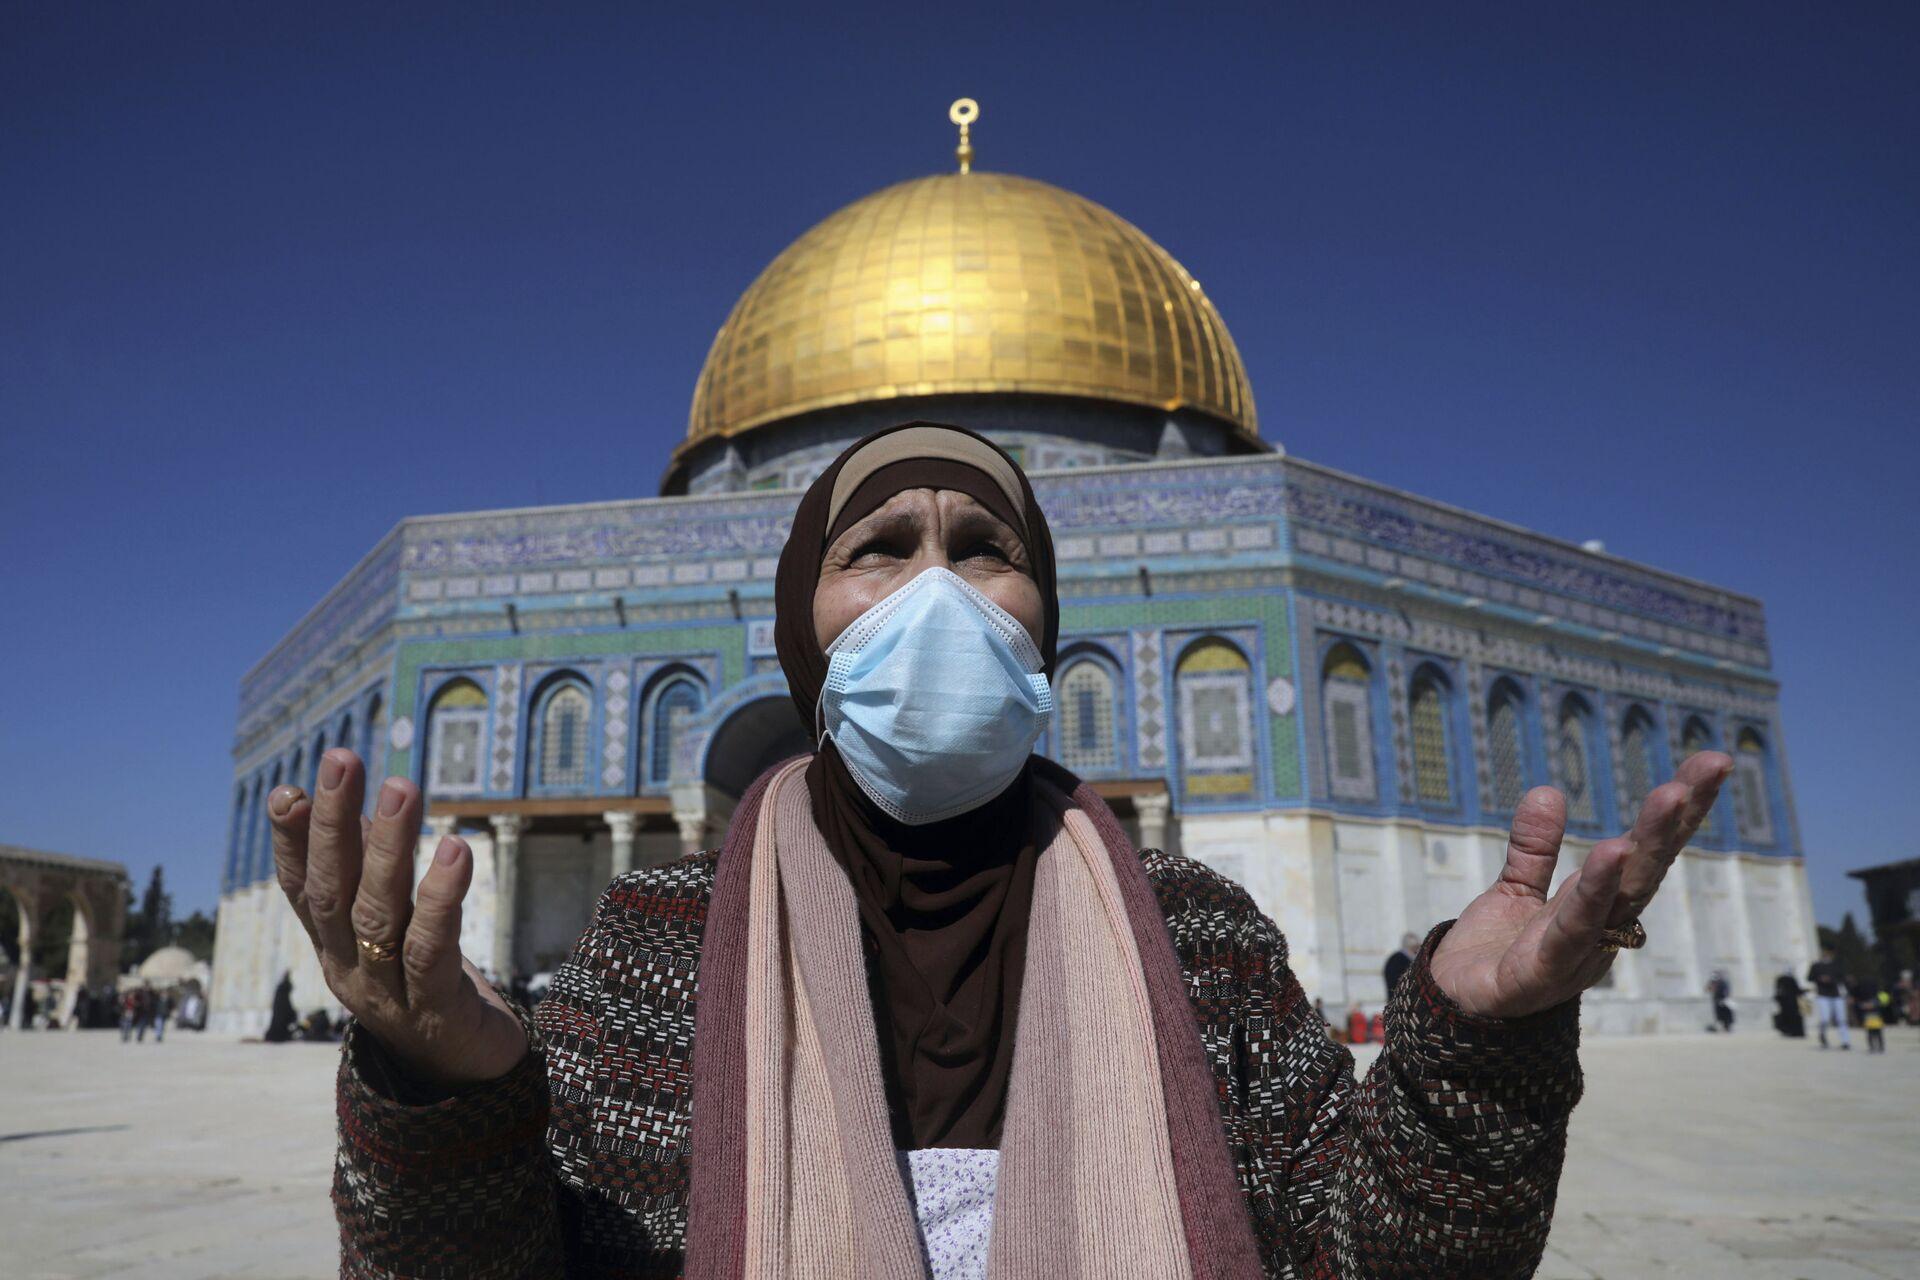 Пандемия коронавируса COVID и ислам. Женщина молится у мечети Аль-Акса в Иерусалиме - Sputnik Грузия, 1920, 13.10.2021